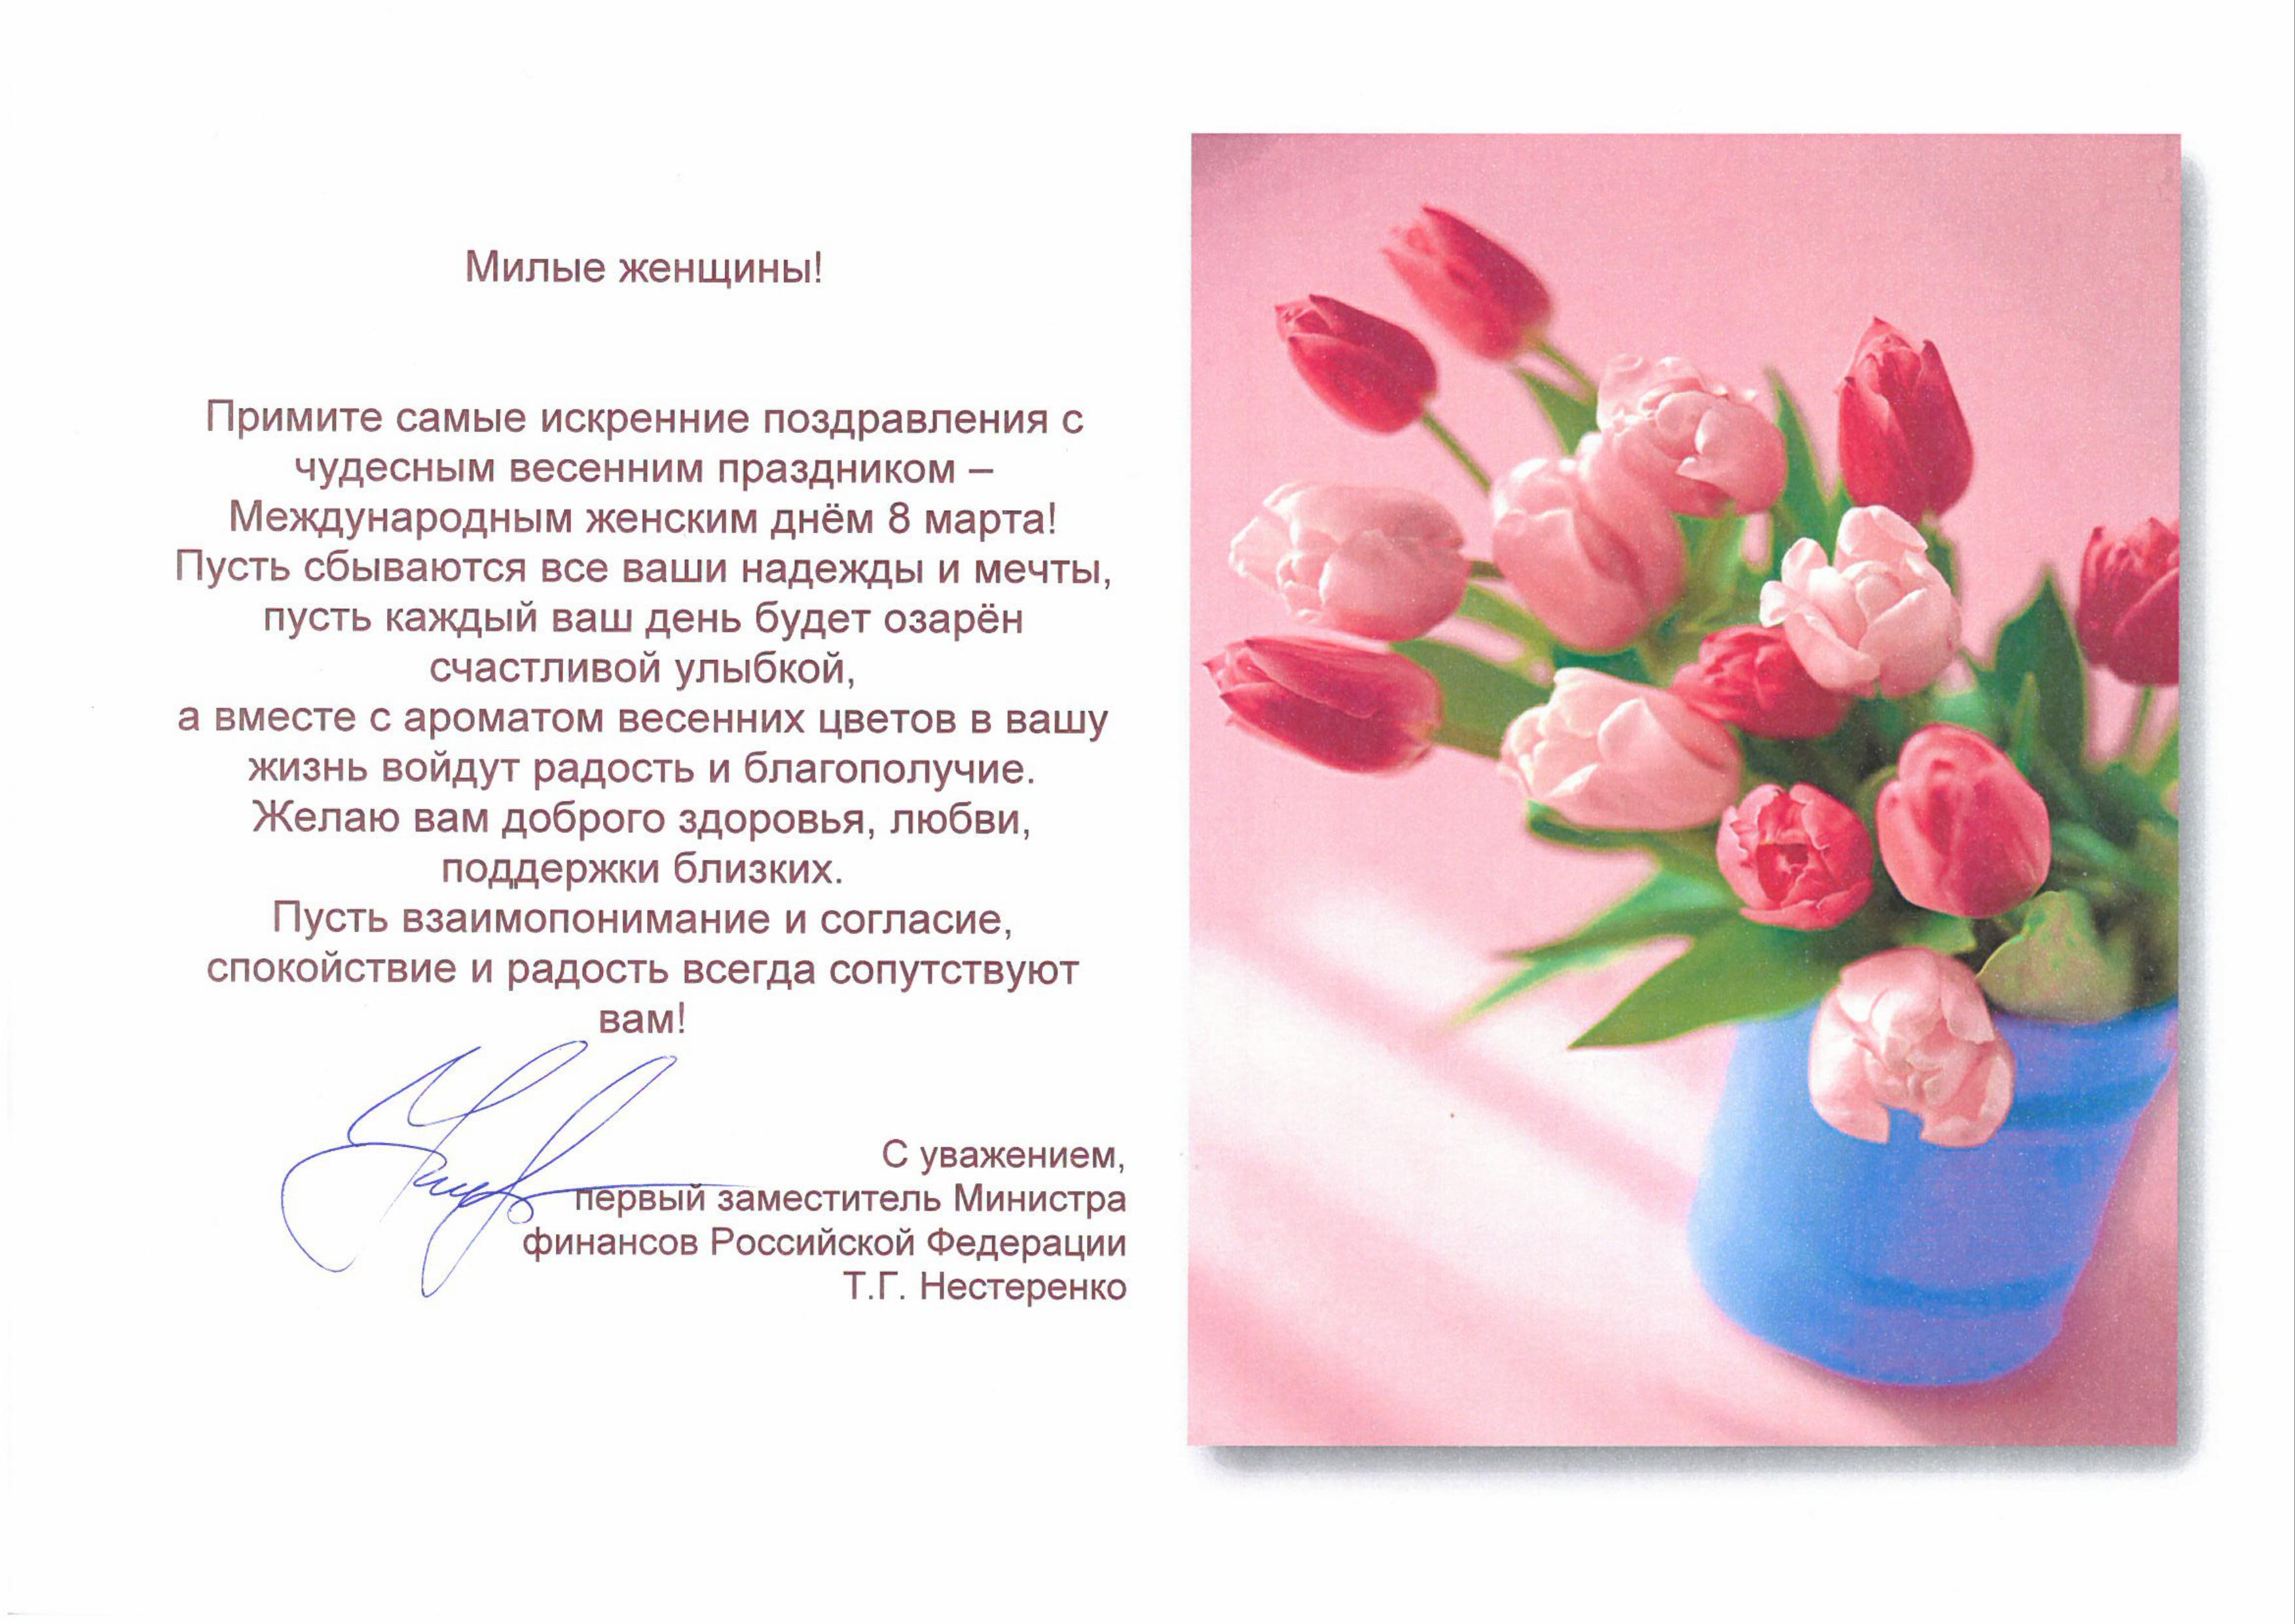 Поздравление женщине министру